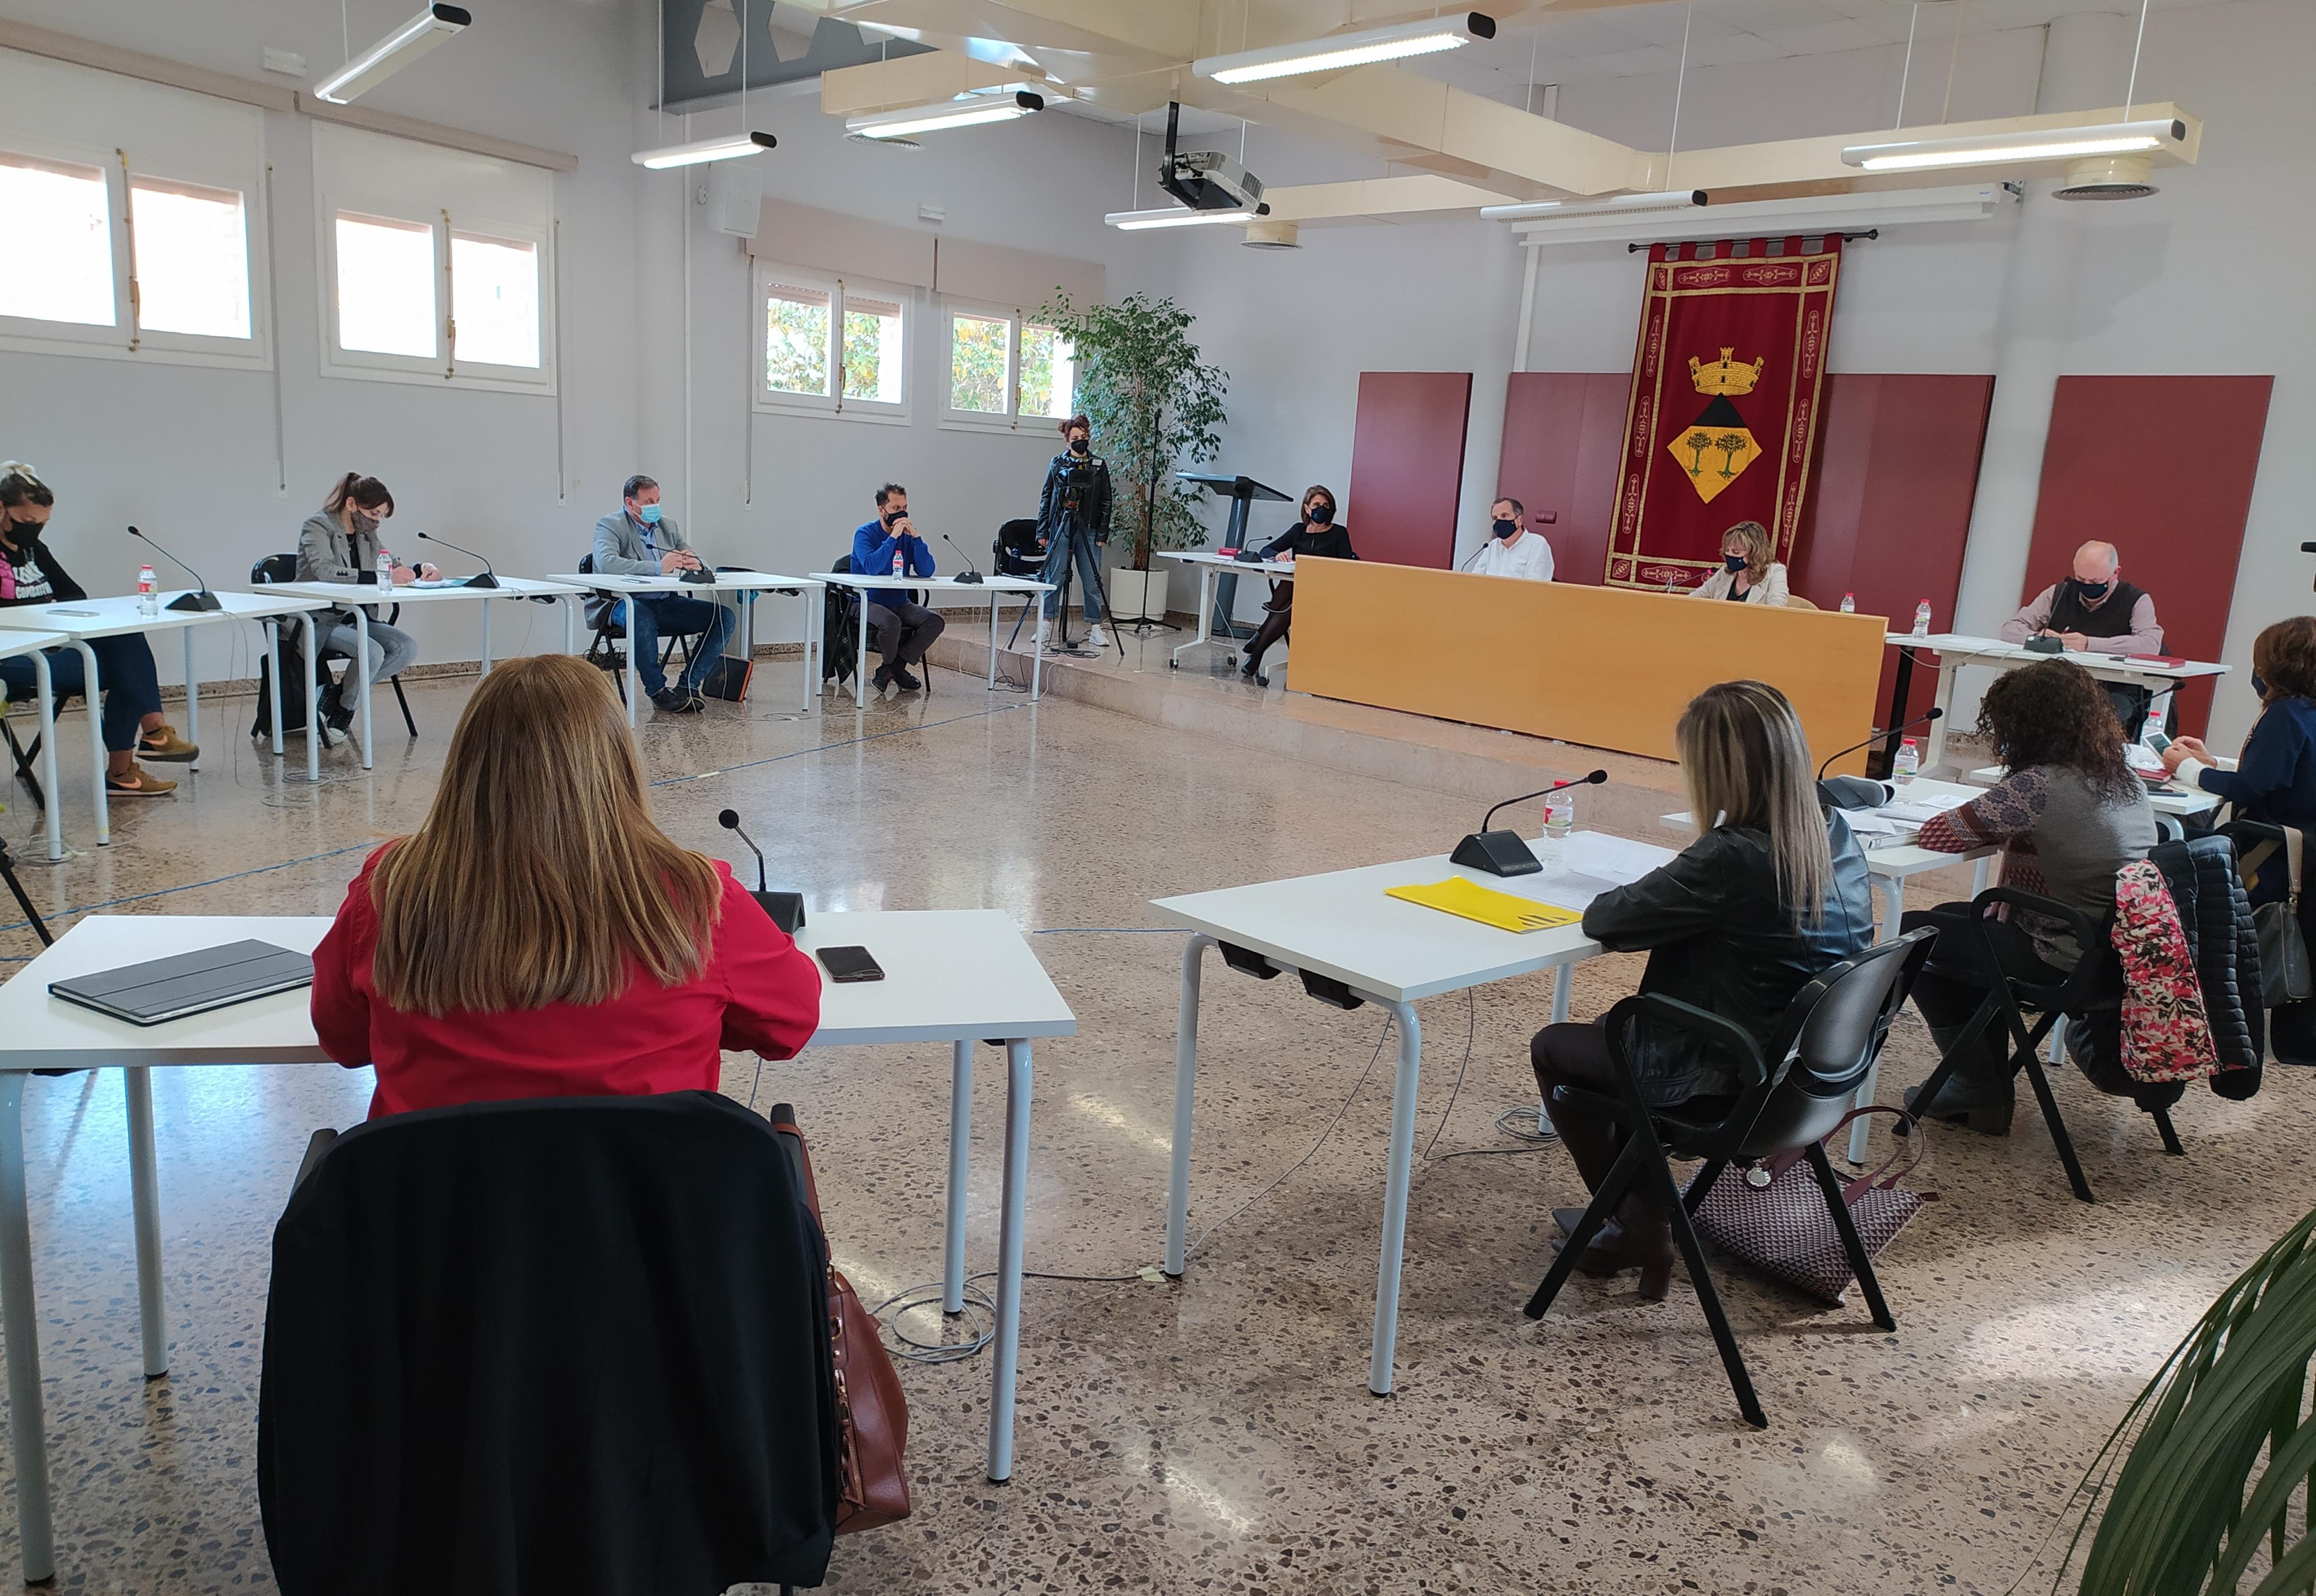 L'Ajuntament de Vandellòs i l'Hospitalet de l'Infant aprova una nova ordenança municipal que regula les condicions d'ús de les platges